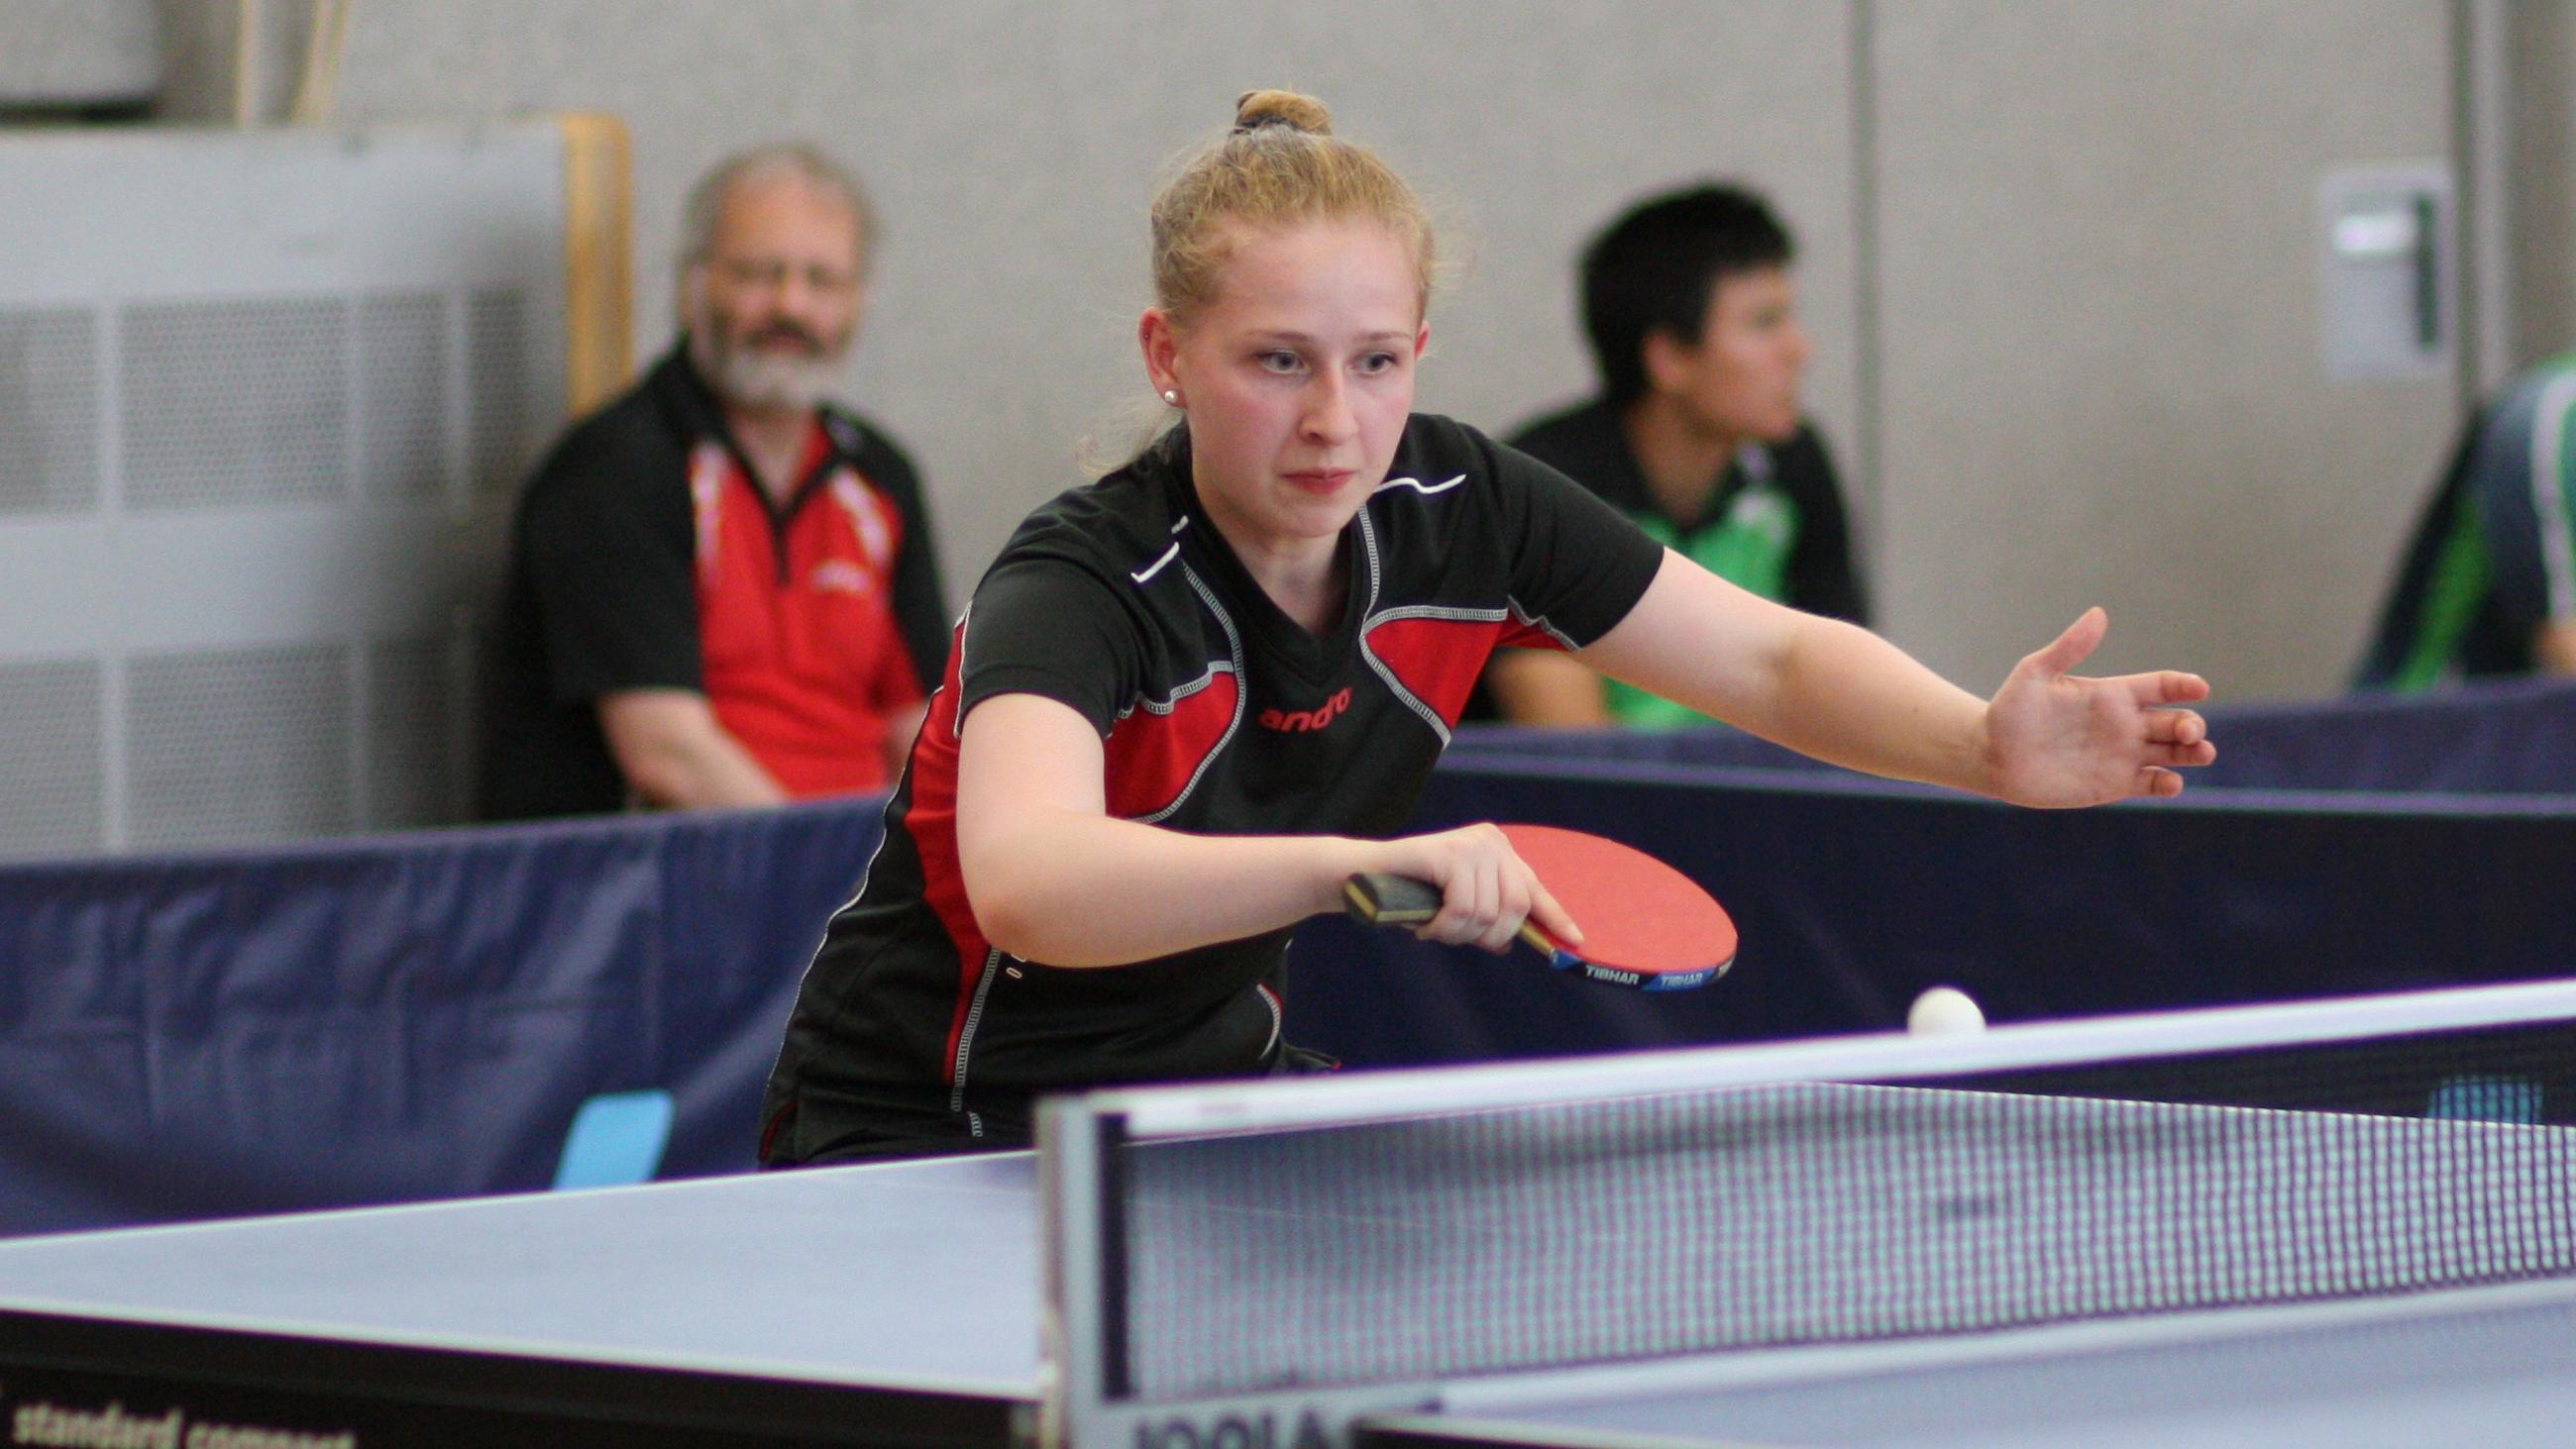 Für die Titelverteidigung reichte es nicht ganz, aber Vorjahressiegerin Sophie landete am Ende auf dem zweiten Platz.